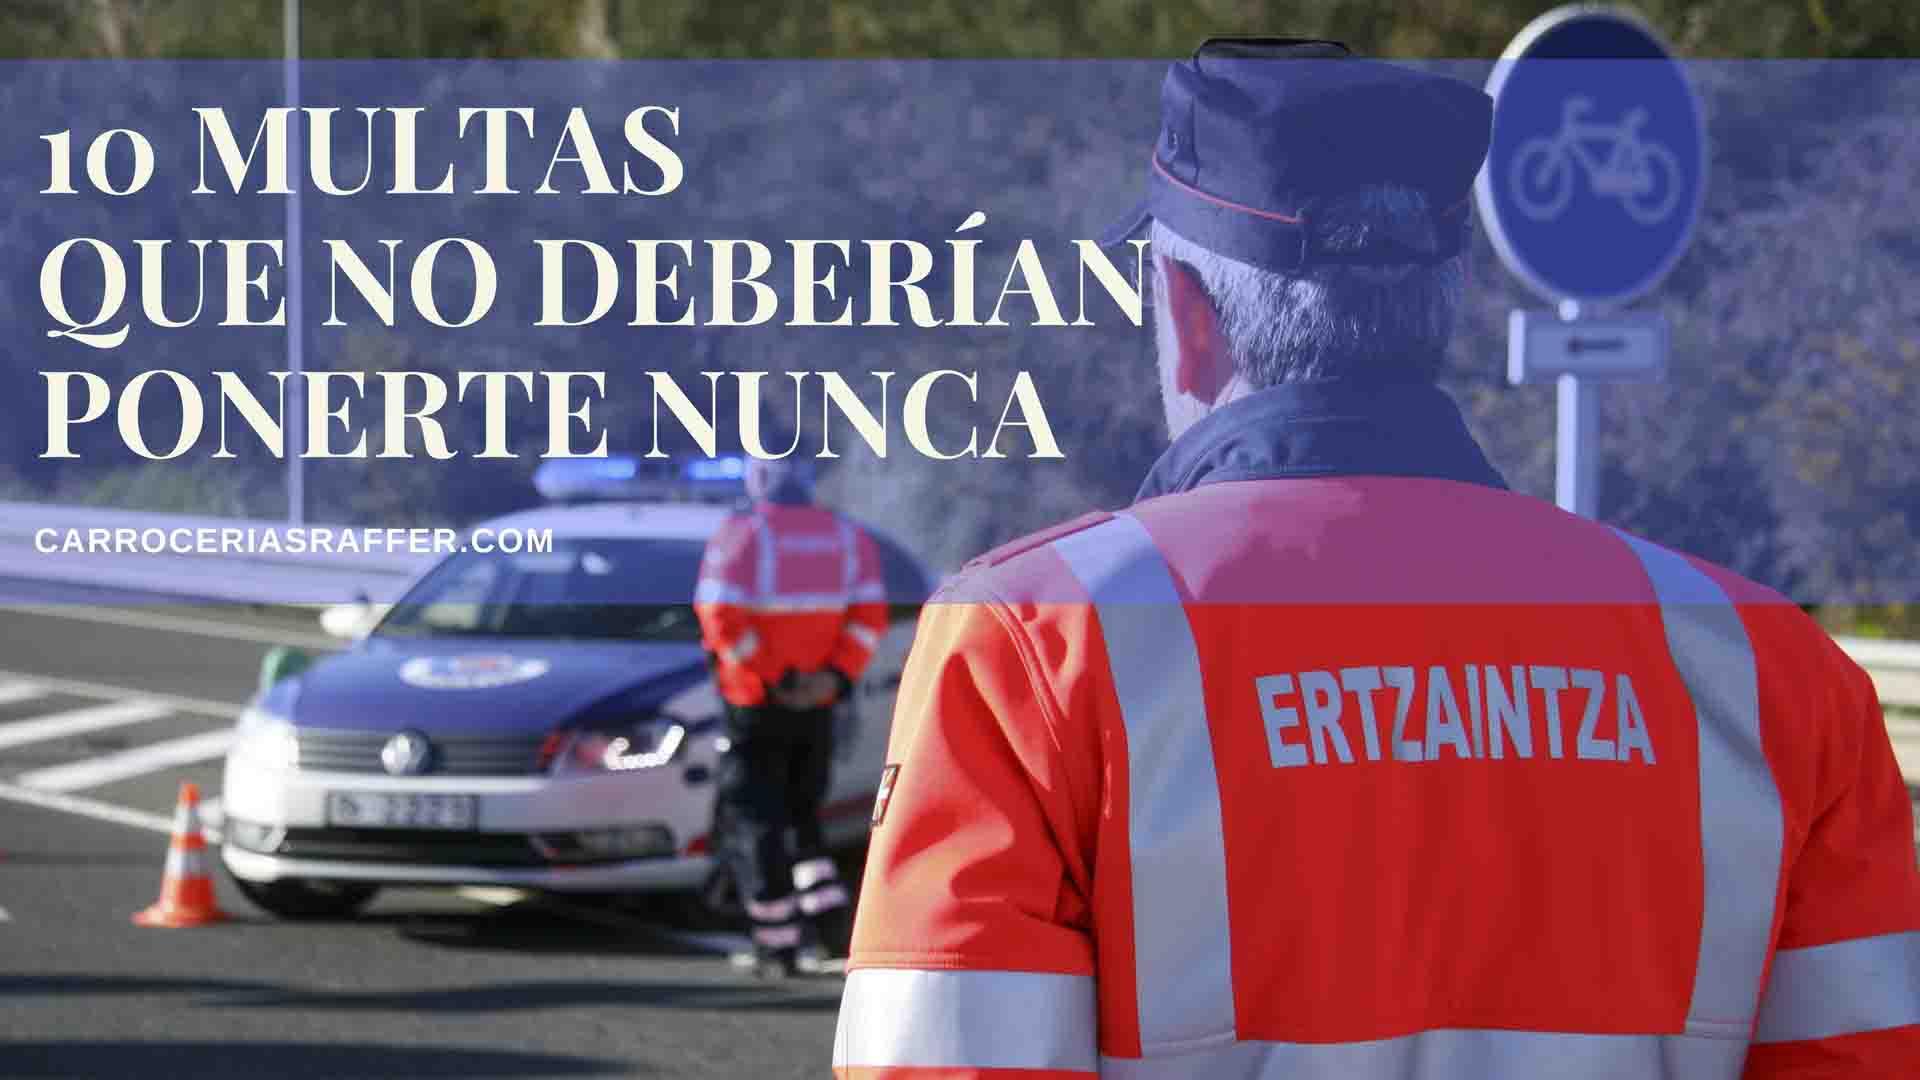 10 multas que no deberian ponerte nunca carrocerias raffer donostia hernani guipuzcoa